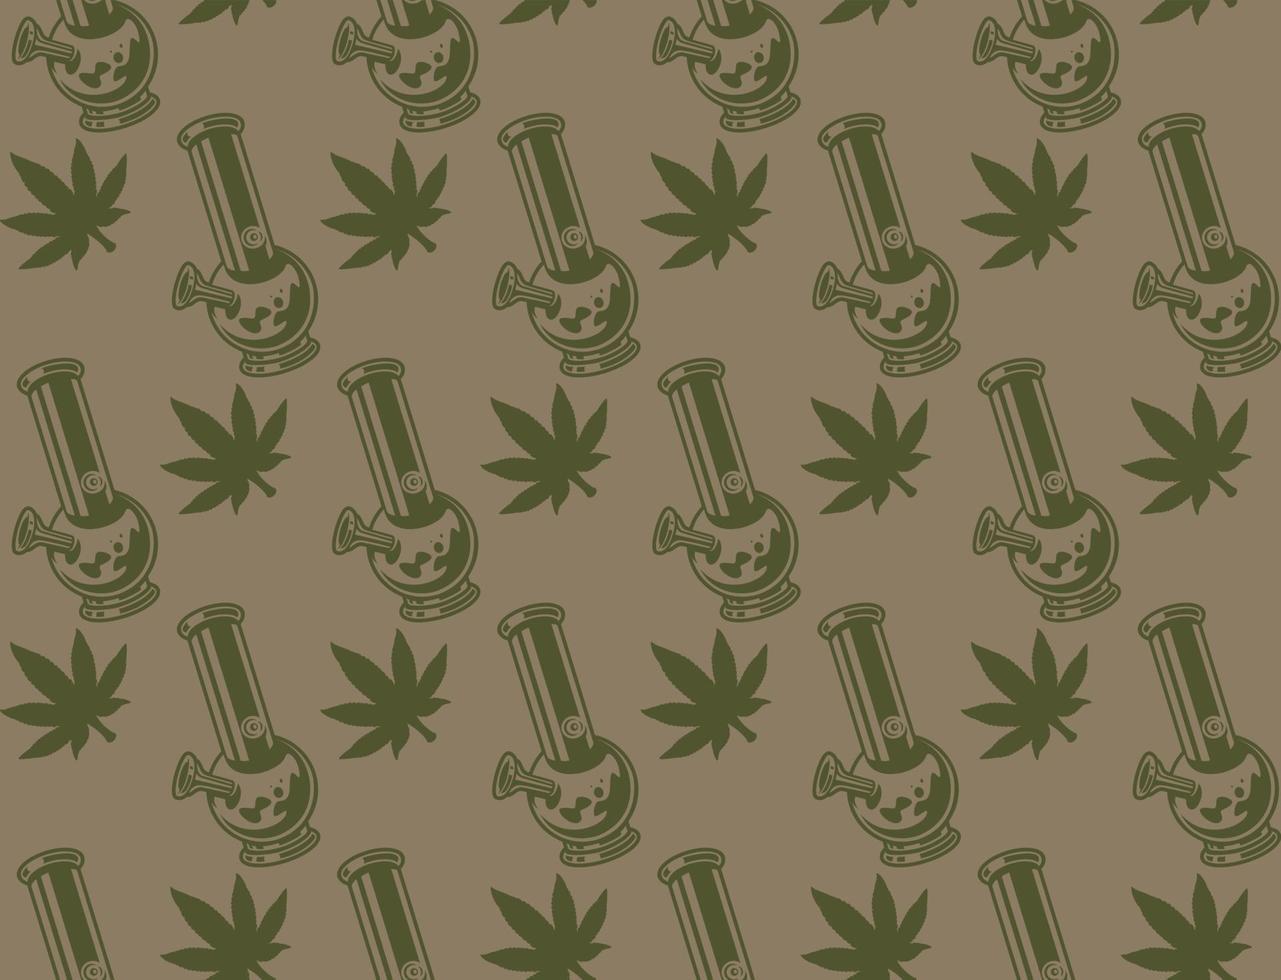 vintage naadloze patroon met een cannabisblad vector